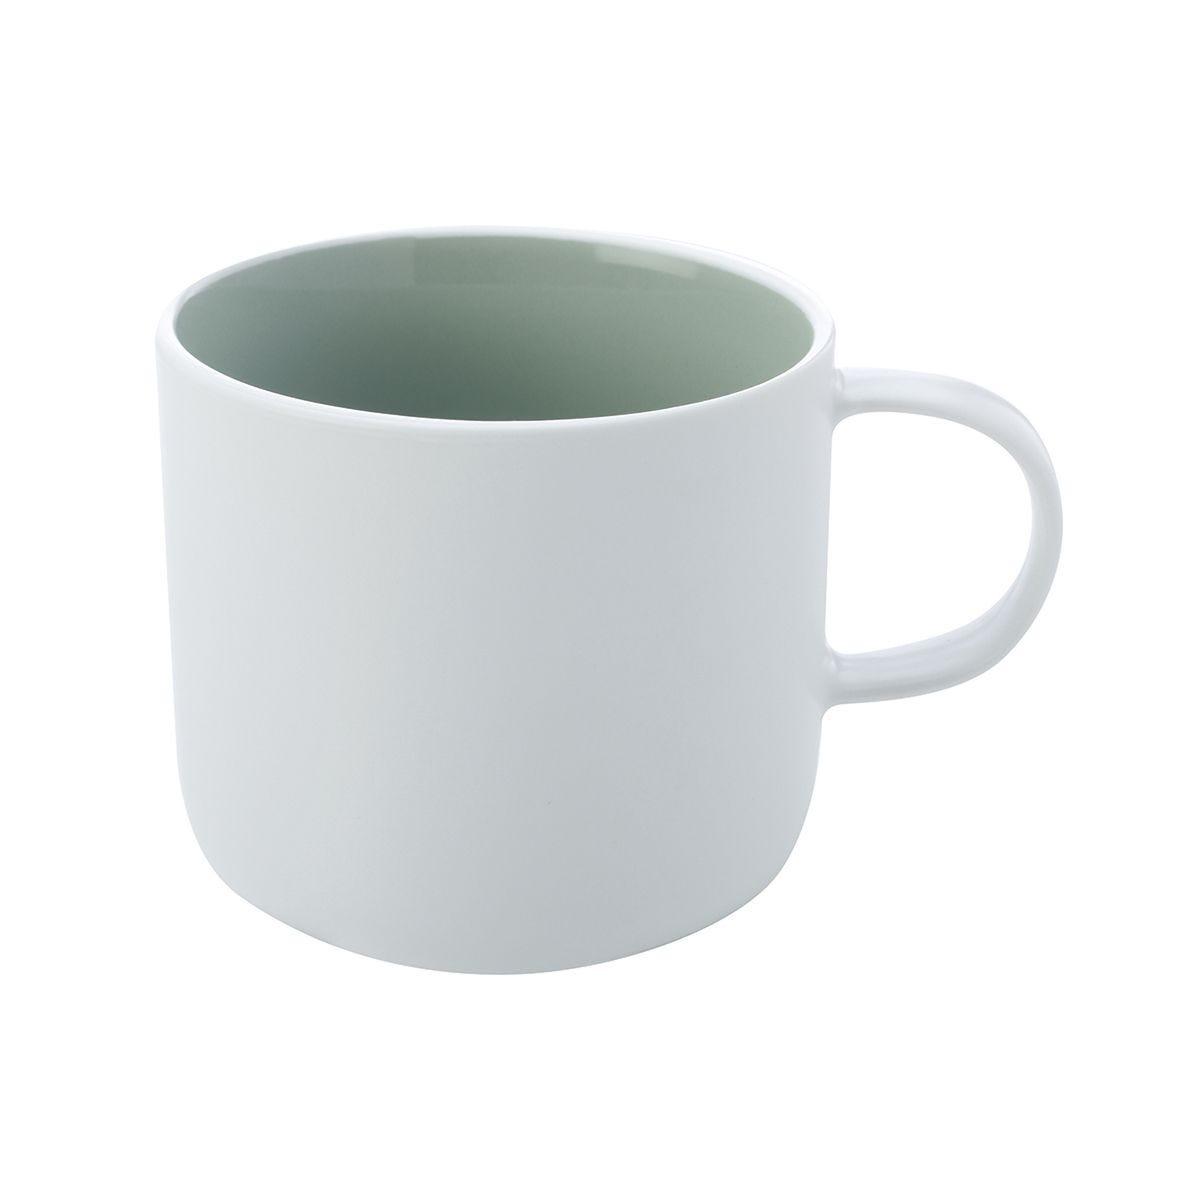 Maxwell & Williams Tint 440ml Mug Mint